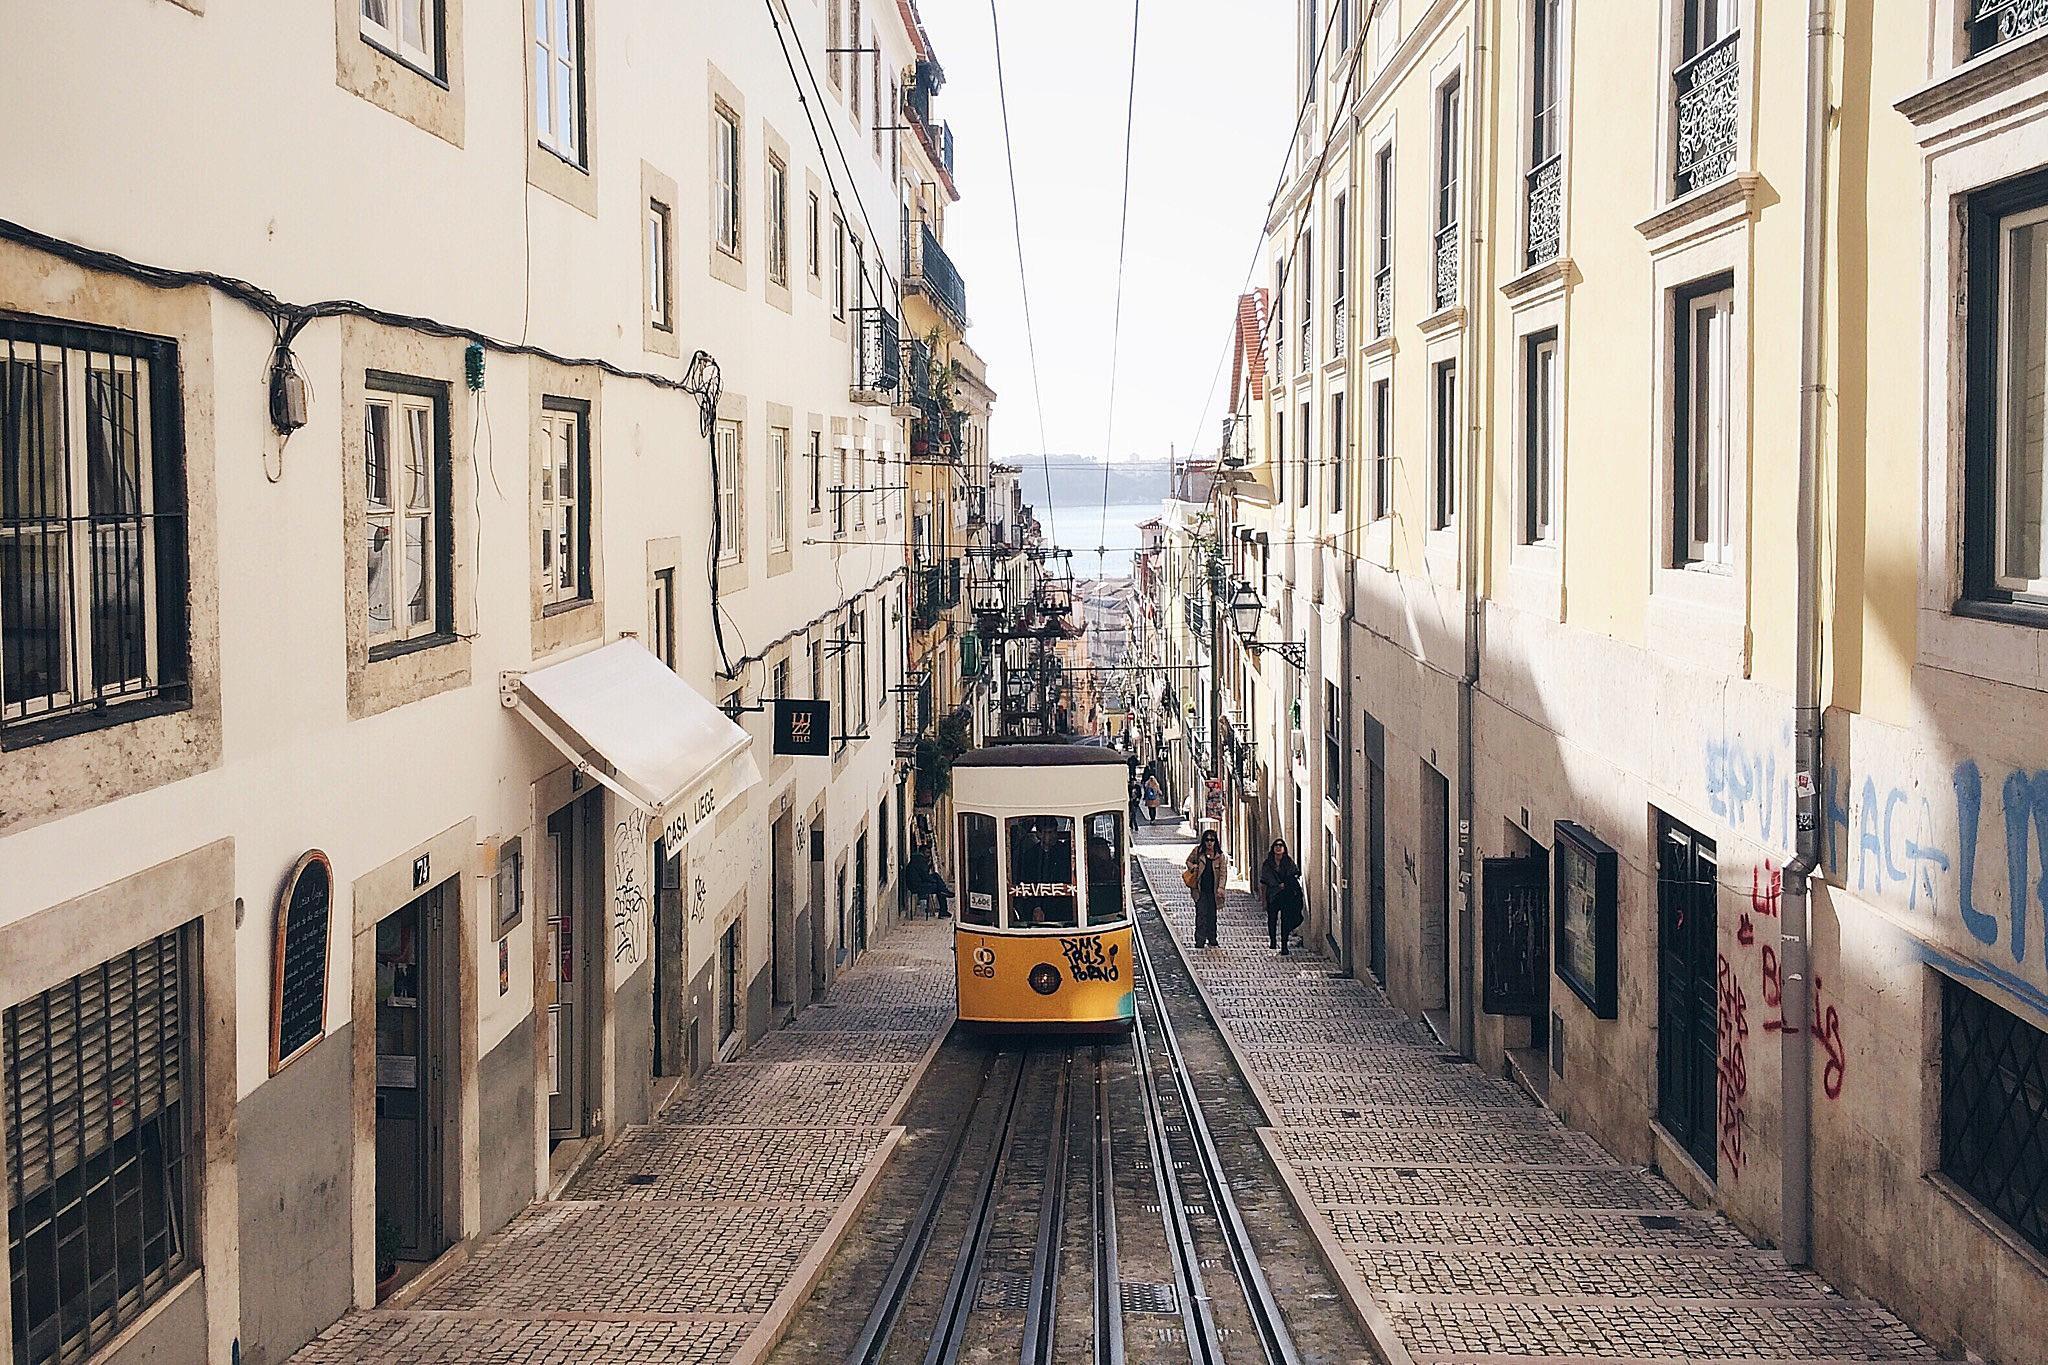 El programa de residencia por inversión de Portugal es muy popular